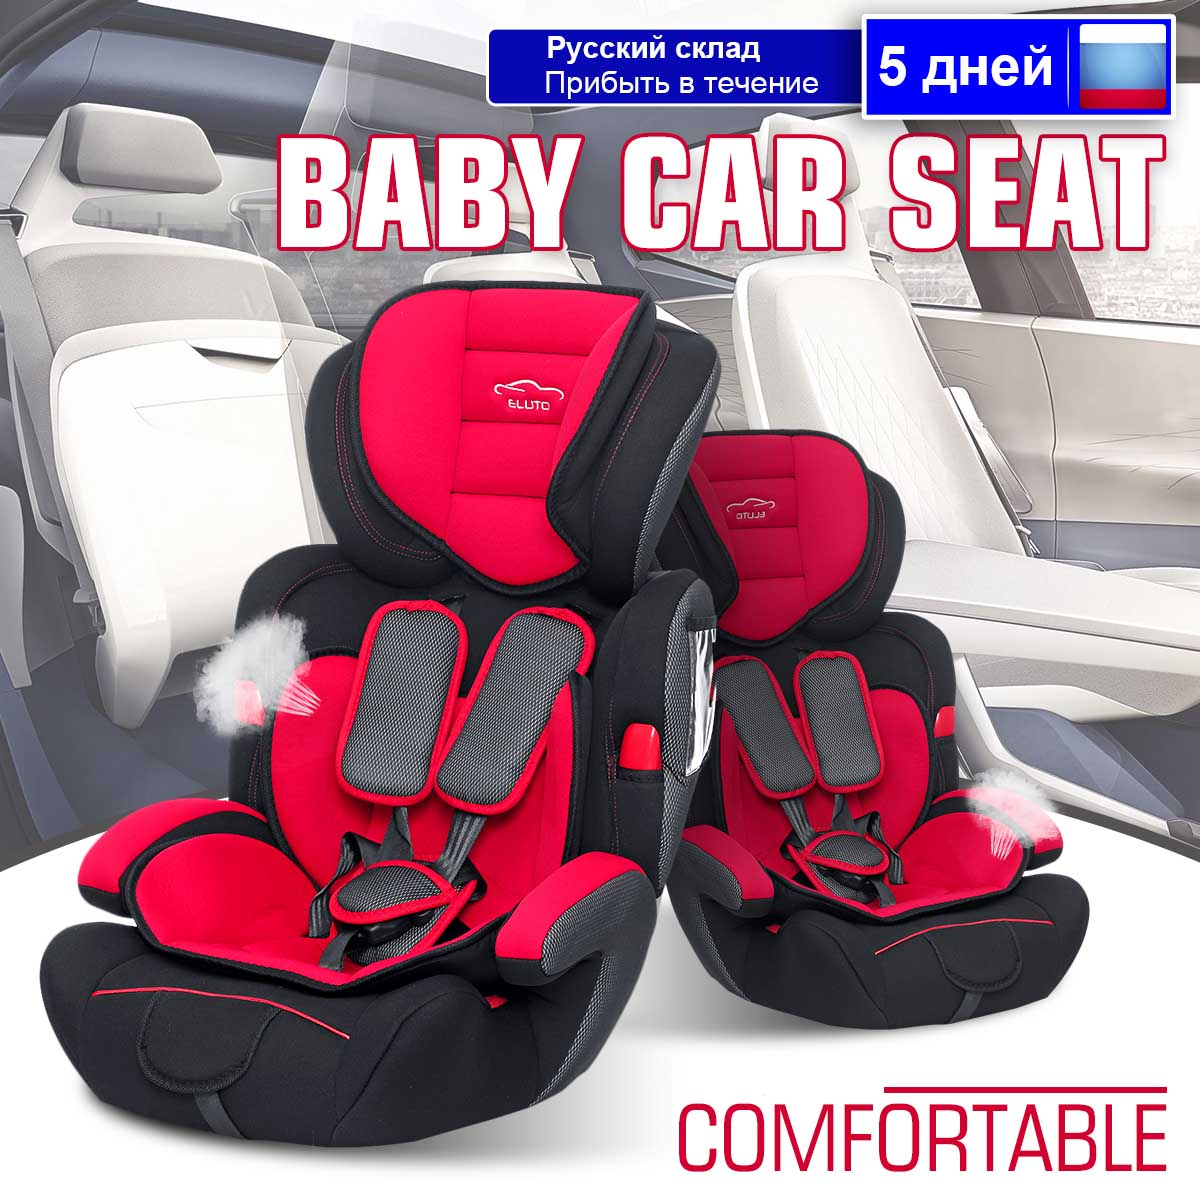 Sièges de sécurité auto enfant siège de sécurité bébé pour fauteuil 9-36 KG groupe 1/2/3 harnais cinq points sièges rehausseurs bébé 9 mois à 12 ans